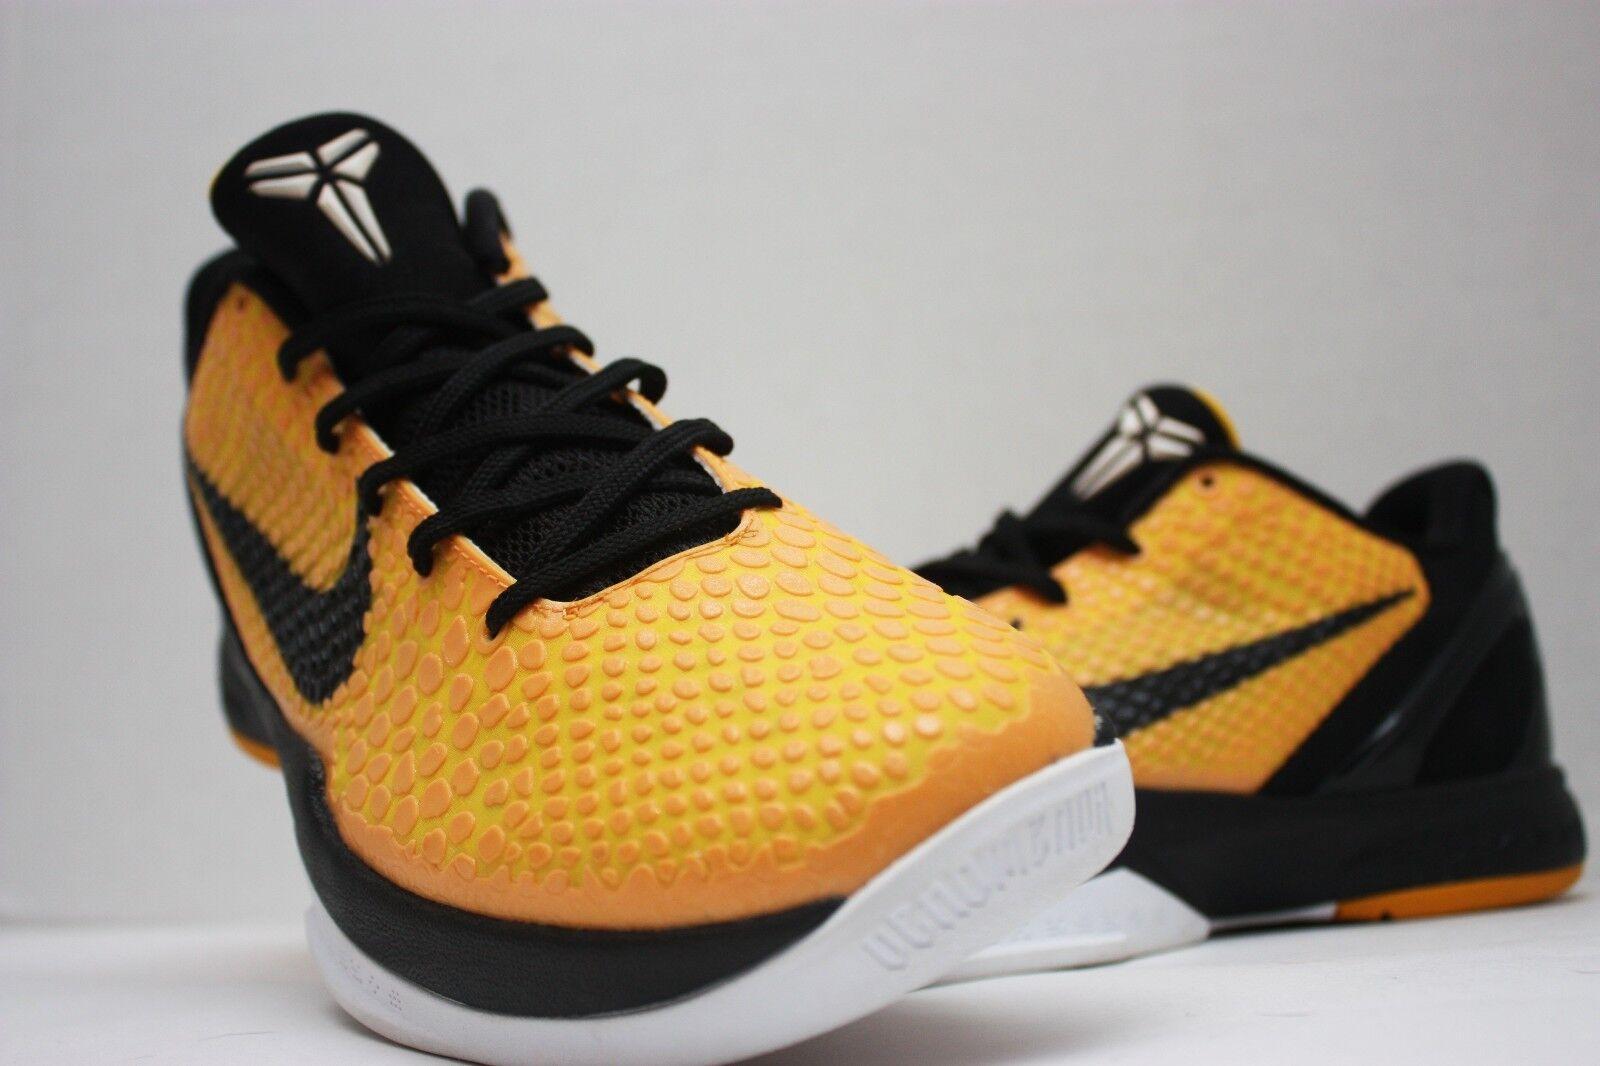 Nike Kobe VI 6 Del Sol Bruce Lee Size 11 - Light Bulb Yellow Black - 429659 700